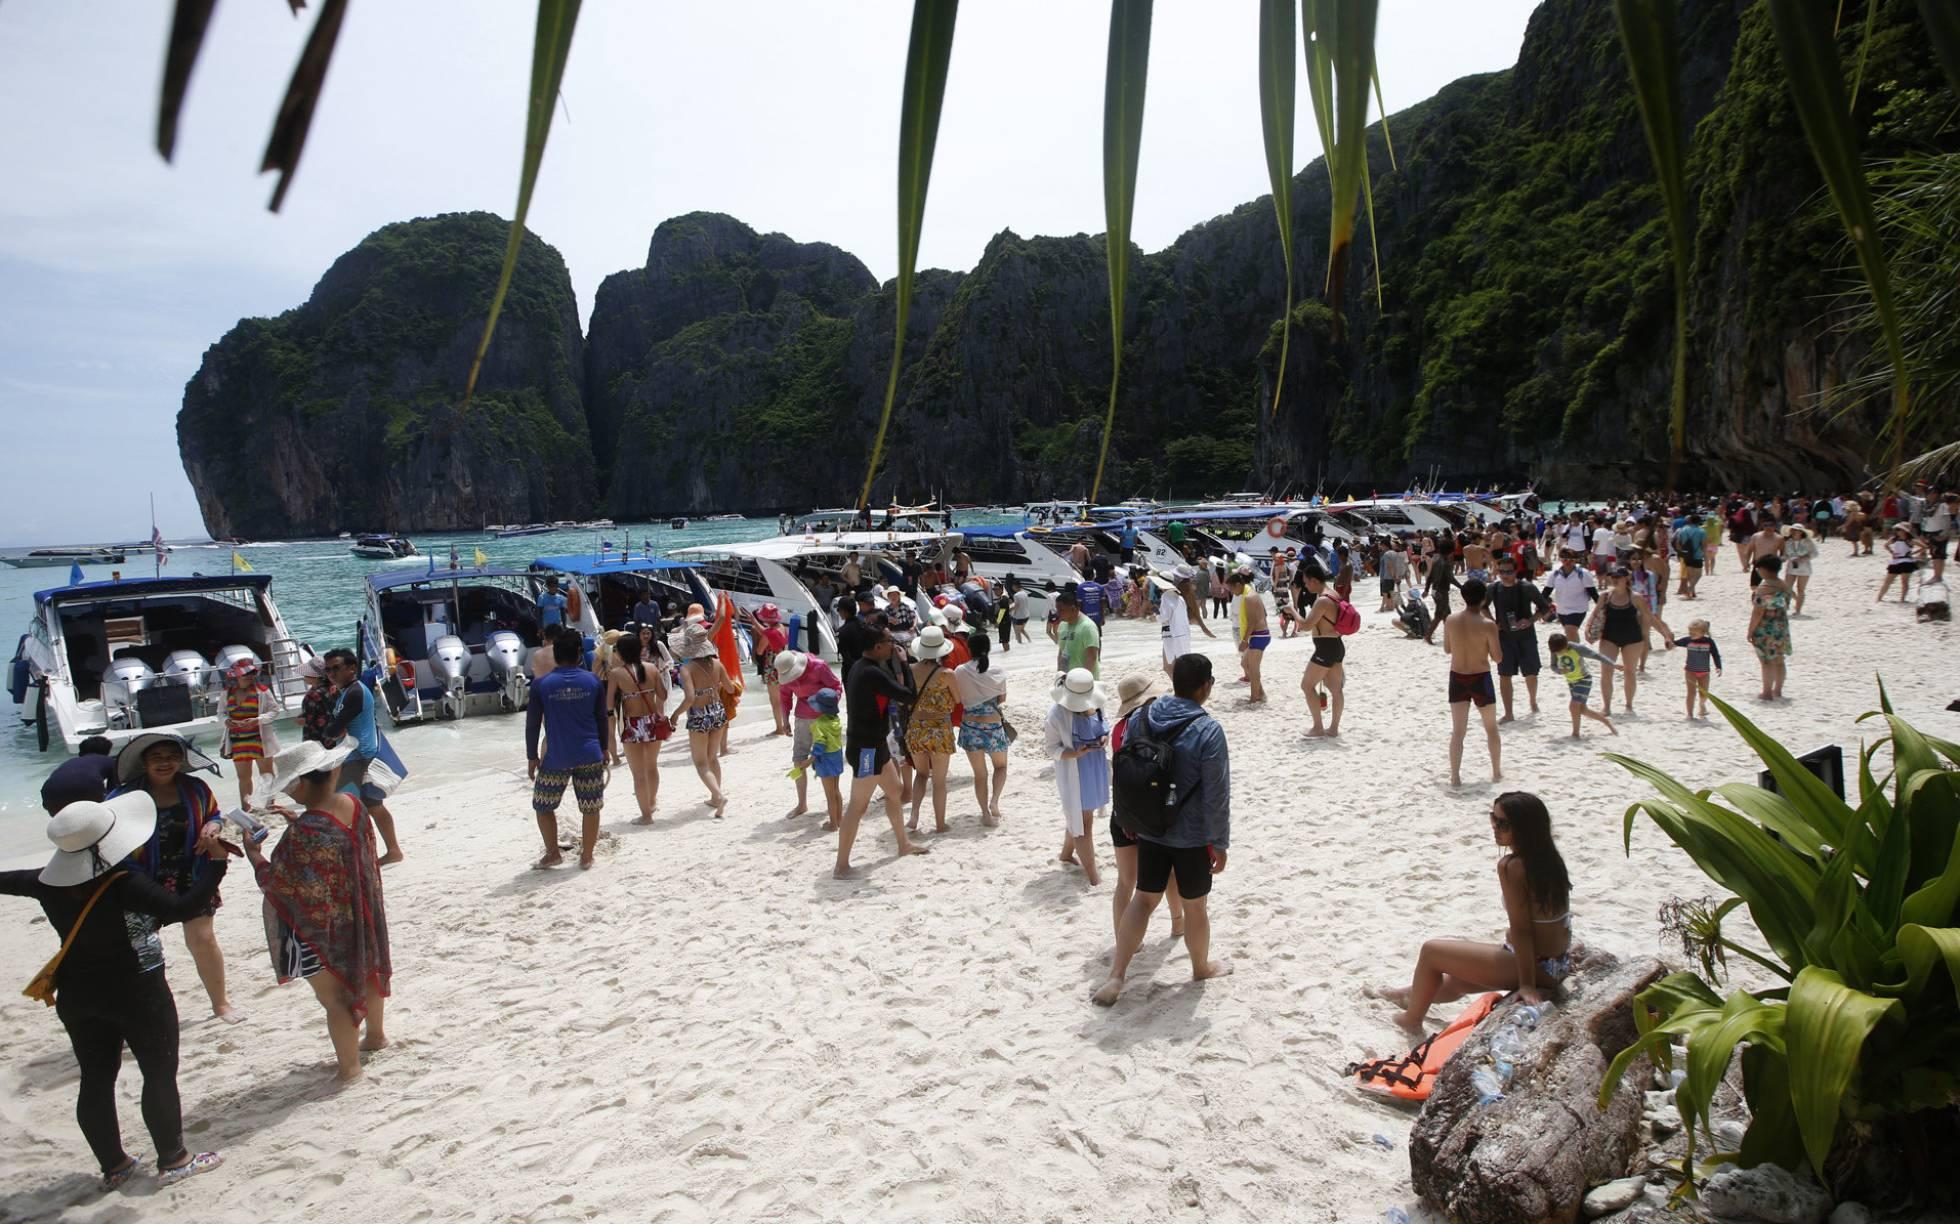 La invasión de turistas obliga a cerrar indefinidamente la playa tailandesa donde grabó Leonardo di Caprio